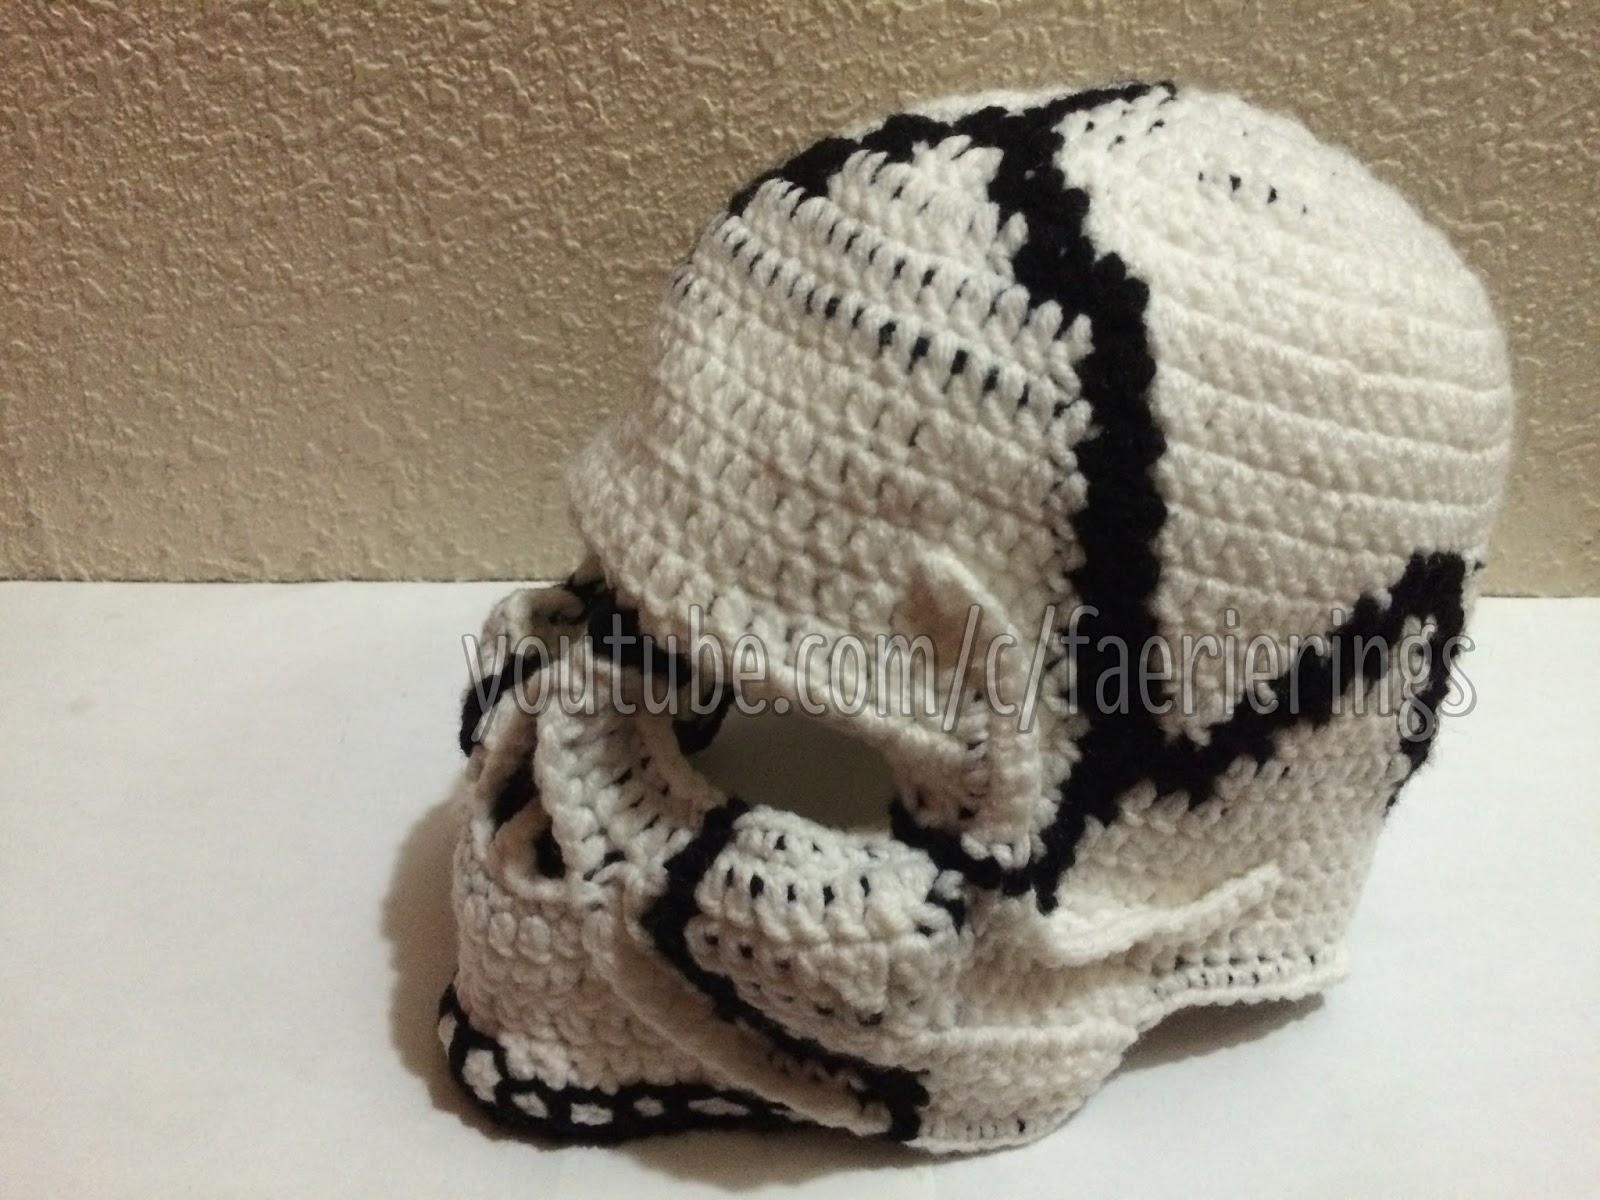 Faerie Rings Crochet Realistic Skull Mask Pattern